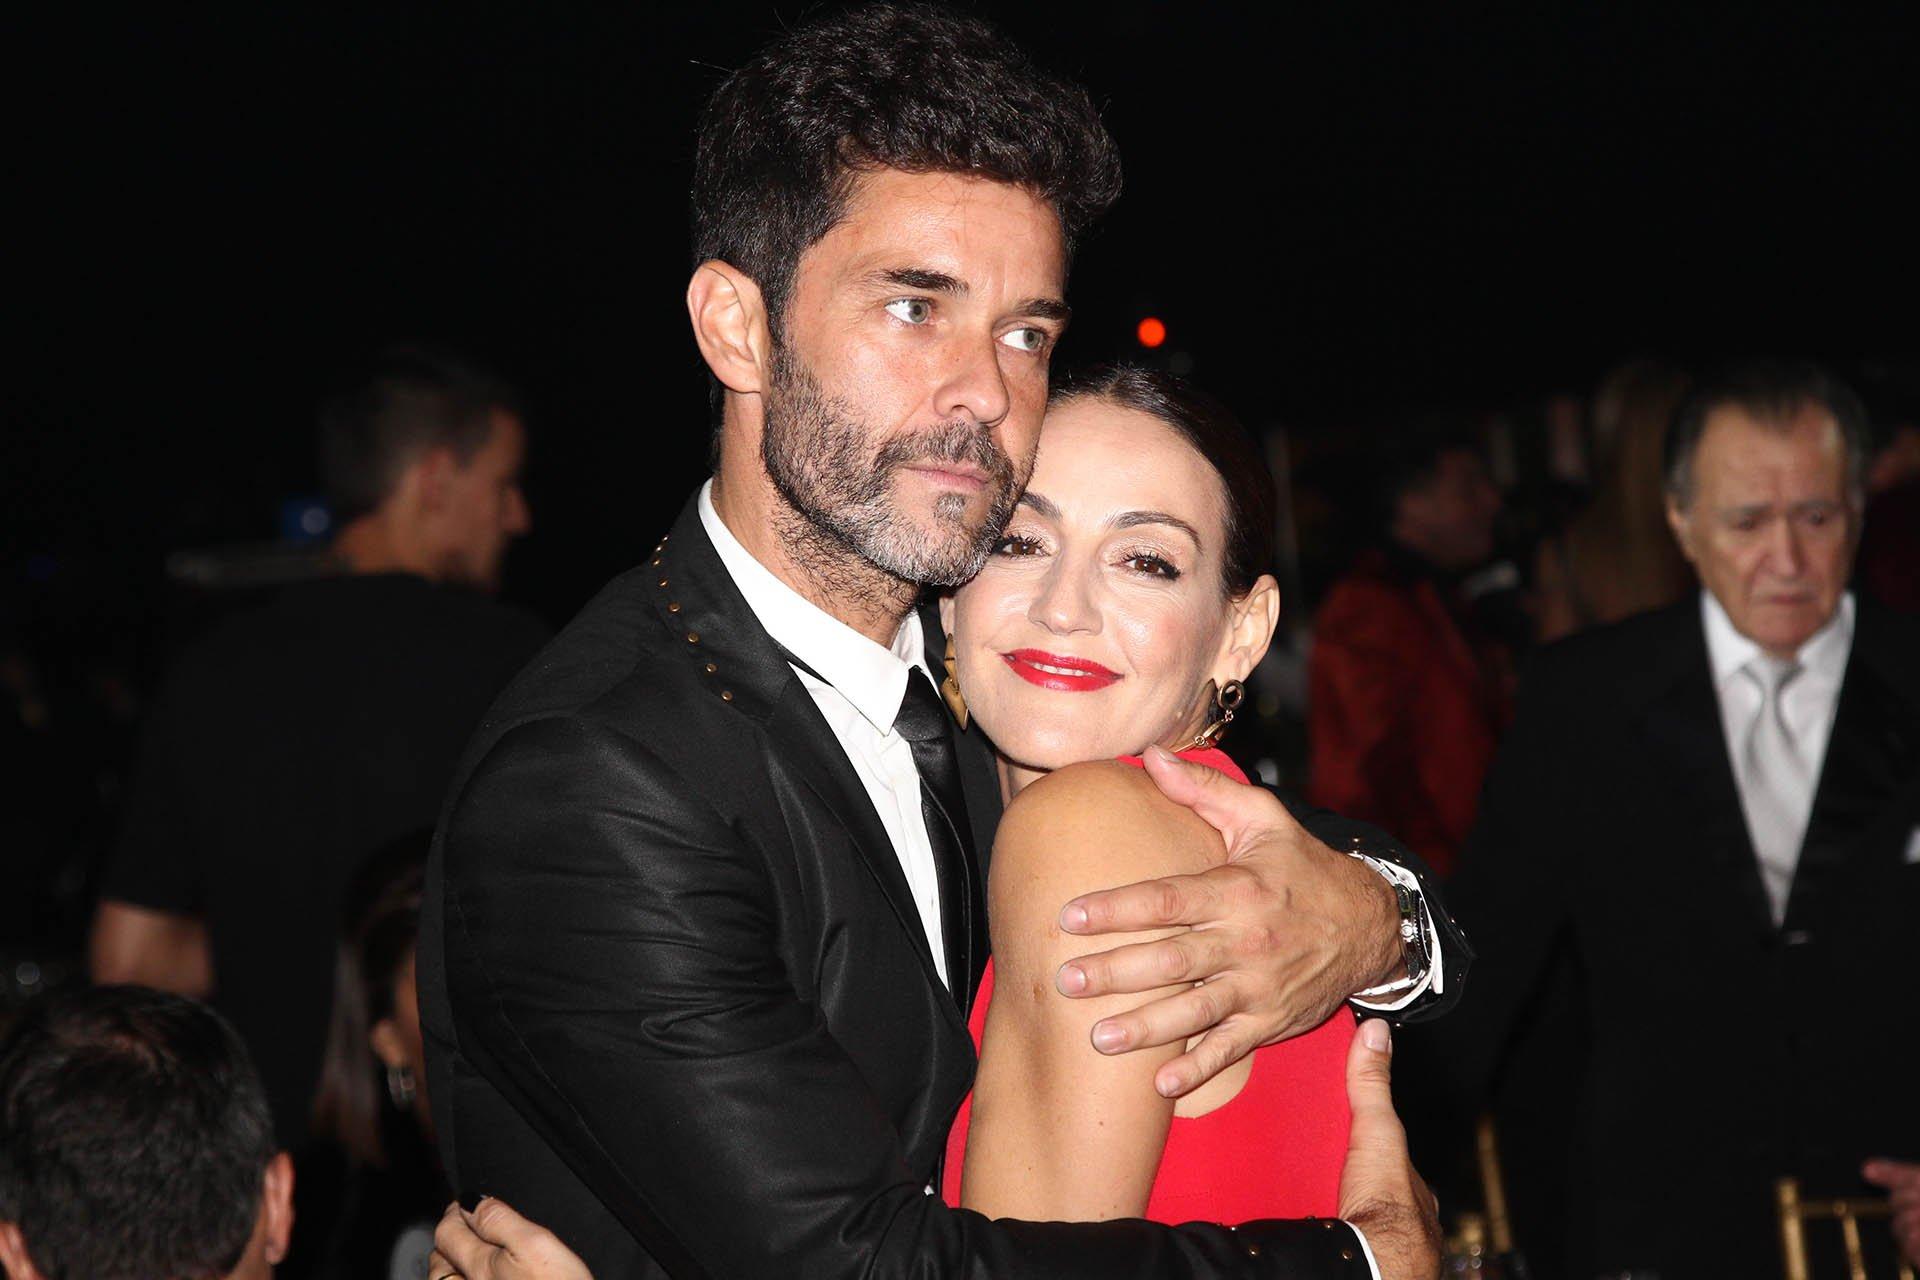 El actor Mariano Martínez y la actriz Eleonora Wexler, dos amigos que estuvieron en la noche de los Martín Fierro.